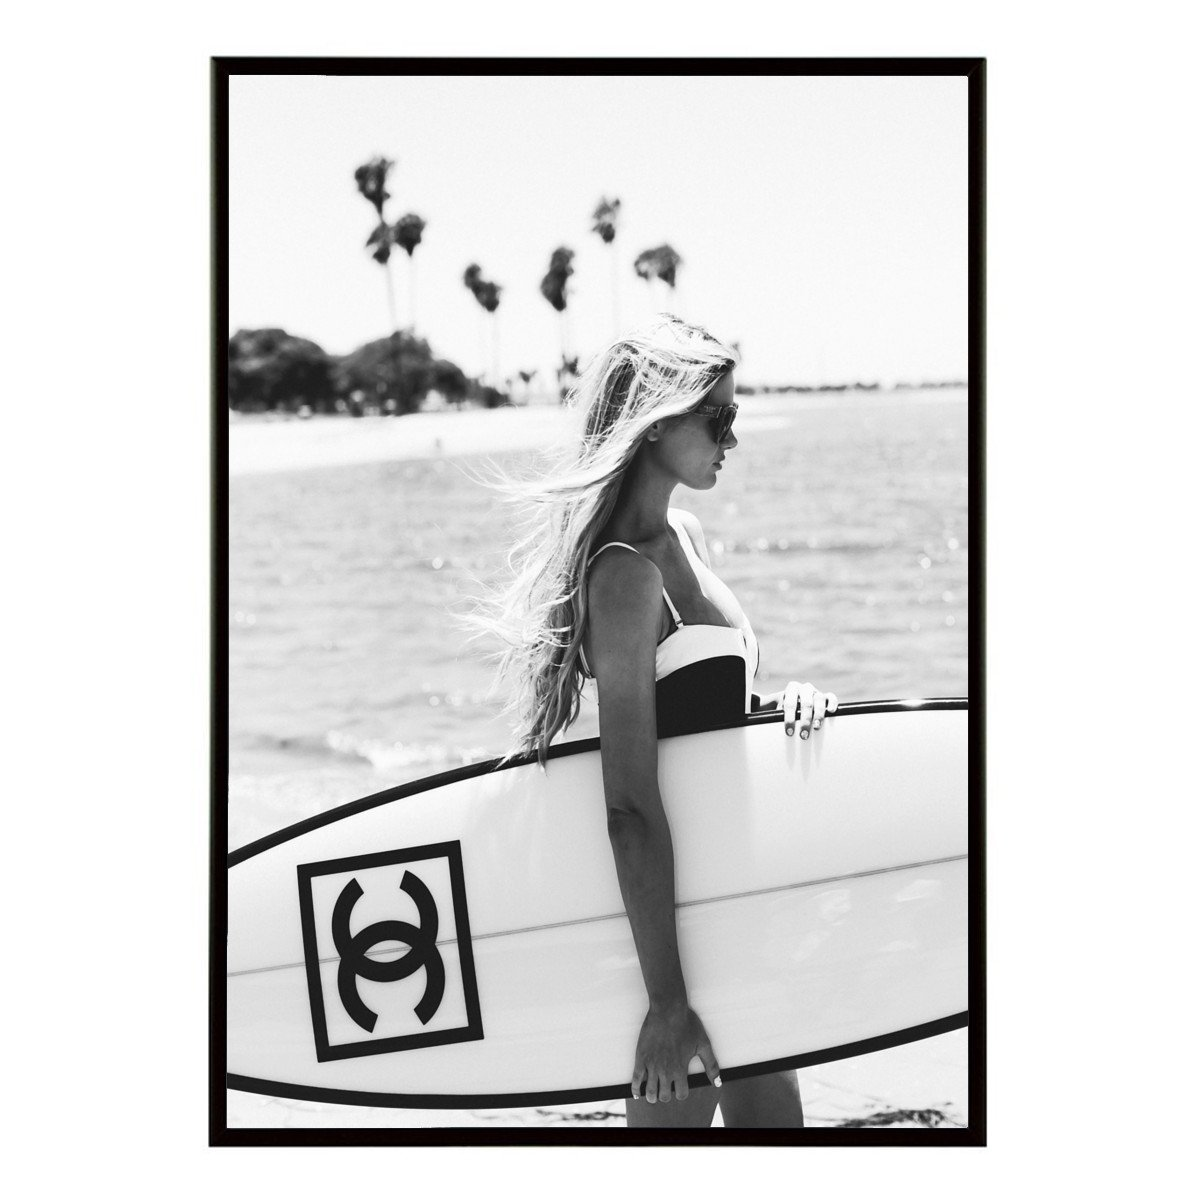 Aroma of Paris アートポスター おしゃれ インテリア 北欧 モノクロ アート #004 B3 ブラックフレーム B0795GZ296 B3 (364 x 515mm)|ブラックフレーム ブラックフレーム B3 (364 x 515mm)